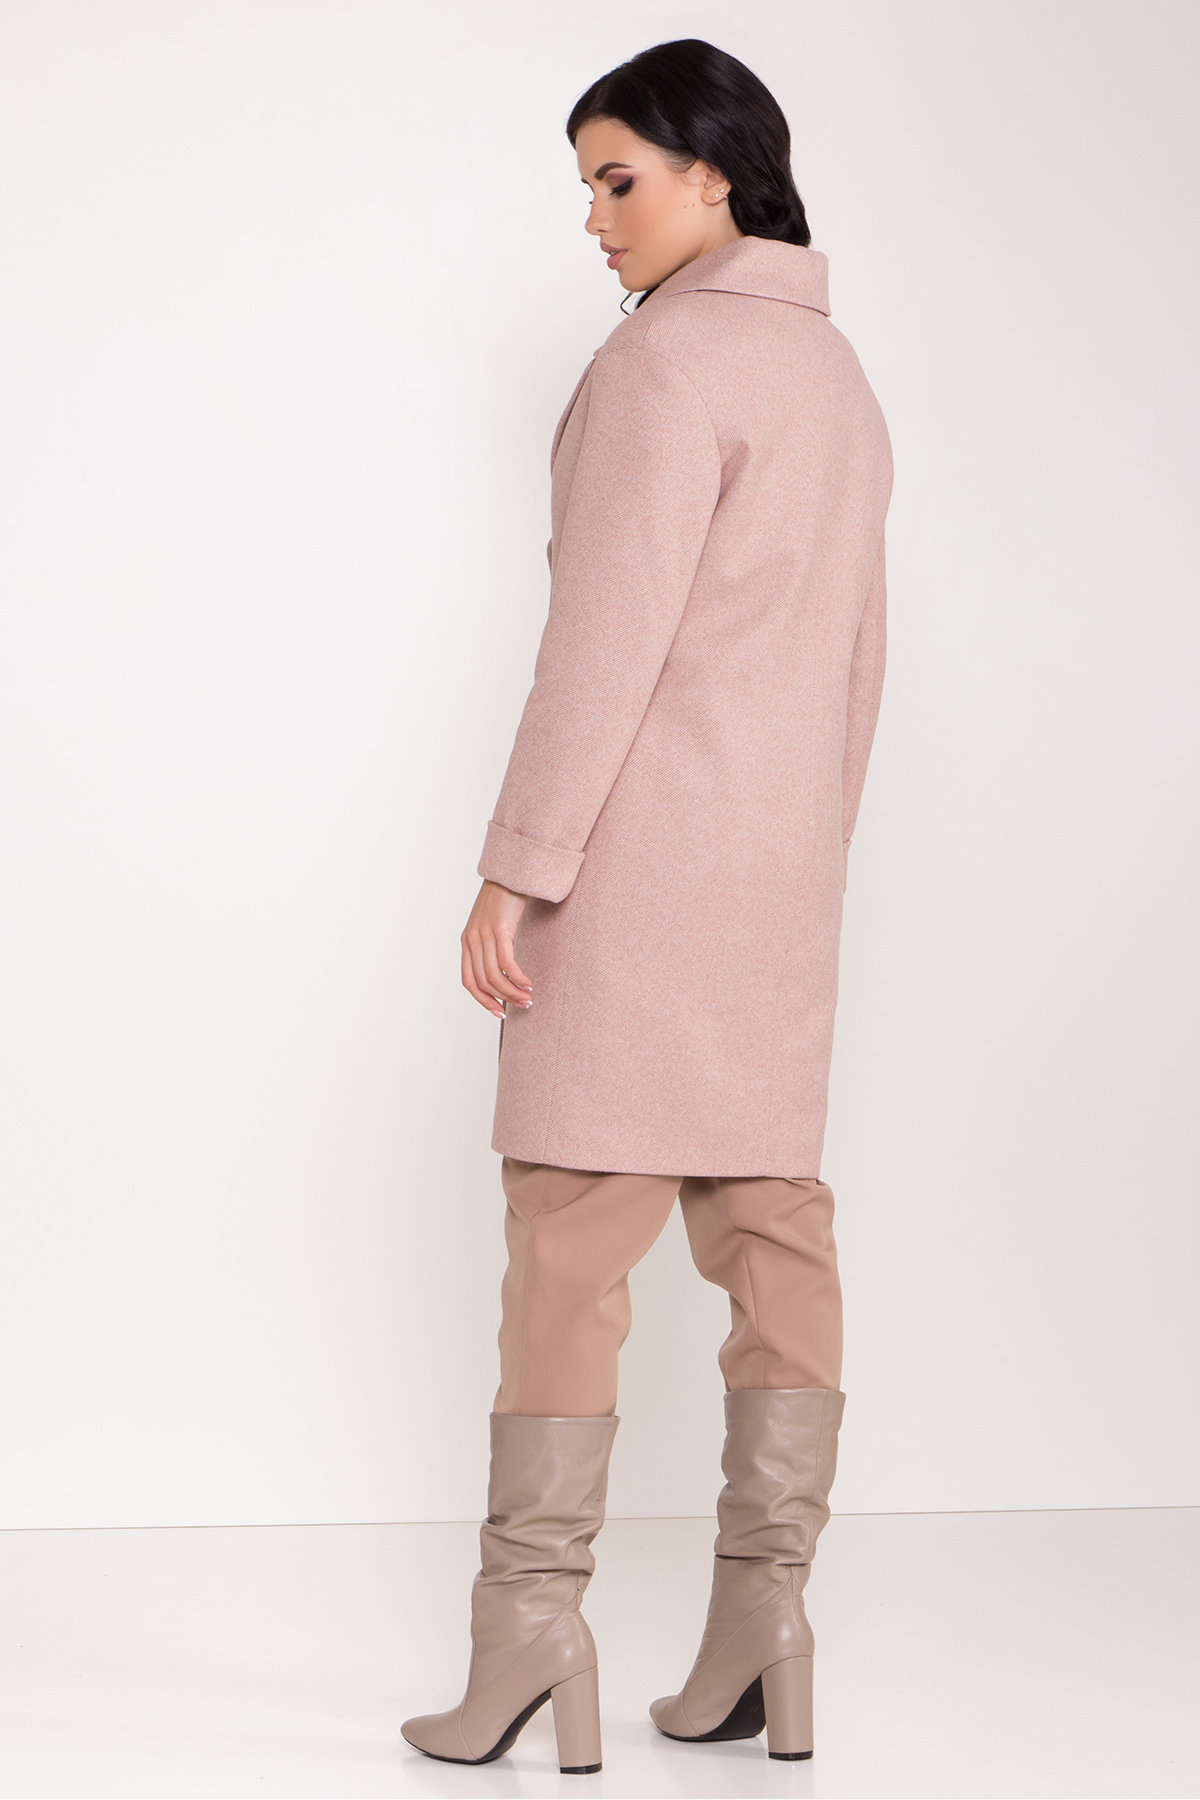 Зимнее утепленное пальто диагональ Вива 8243 АРТ. 44280 Цвет: Бежевый - фото 7, интернет магазин tm-modus.ru